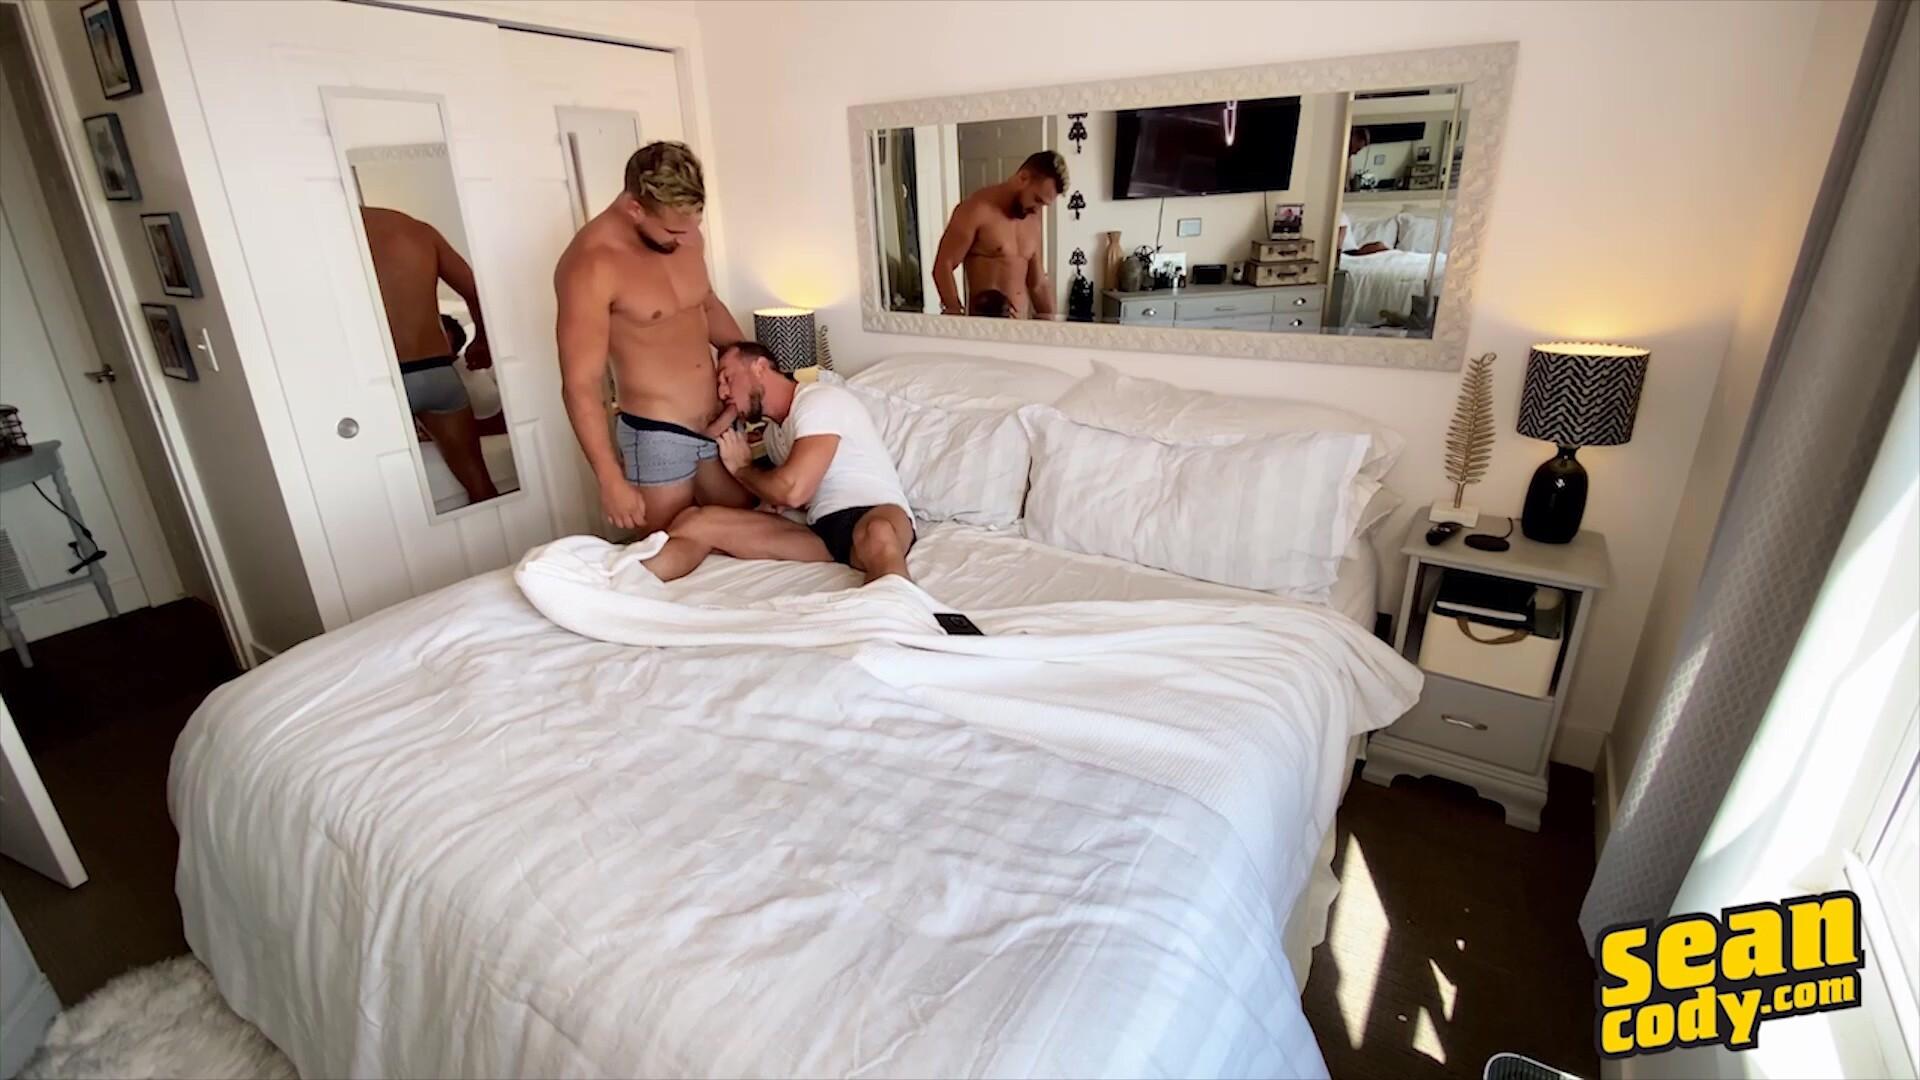 Sean Cody - Josh & Brayden Bareback